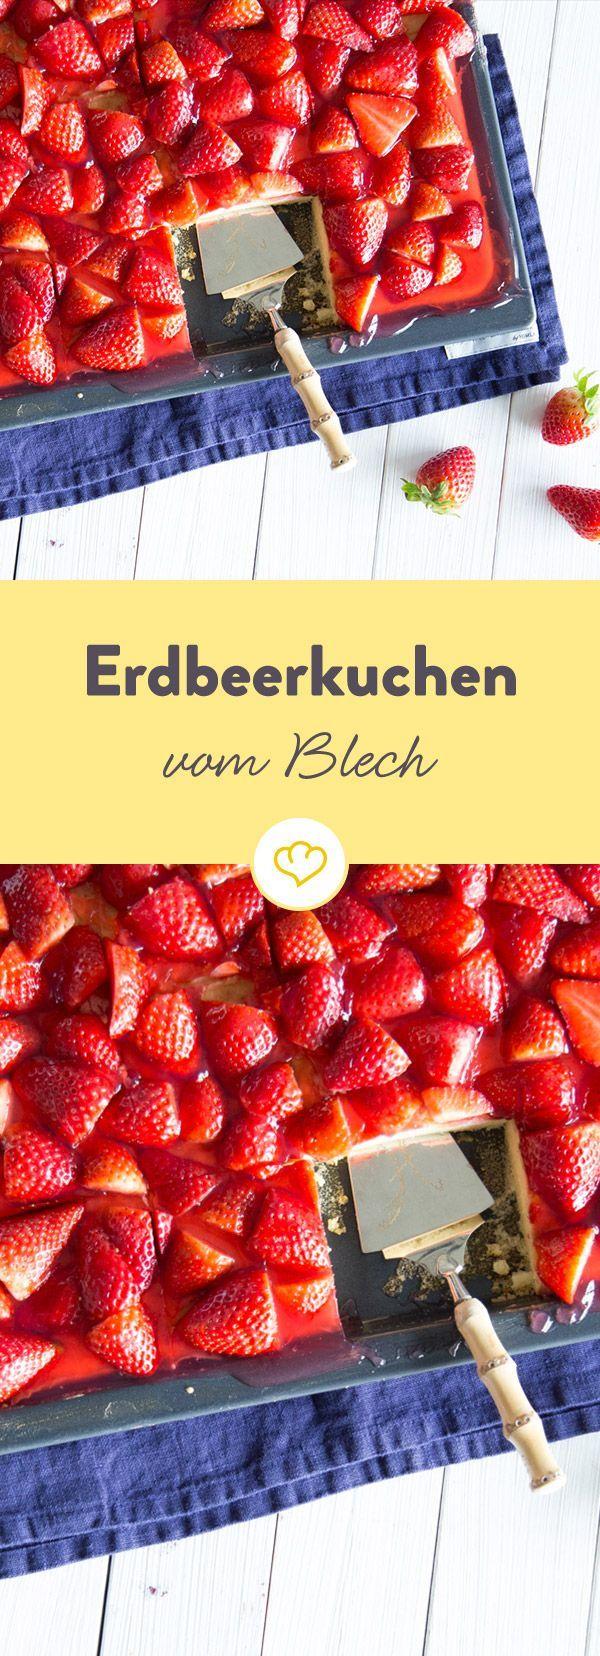 die 25 besten ideen zu erdbeerkuchen auf pinterest erdbeer torte erdbeerkuchen glasur und. Black Bedroom Furniture Sets. Home Design Ideas